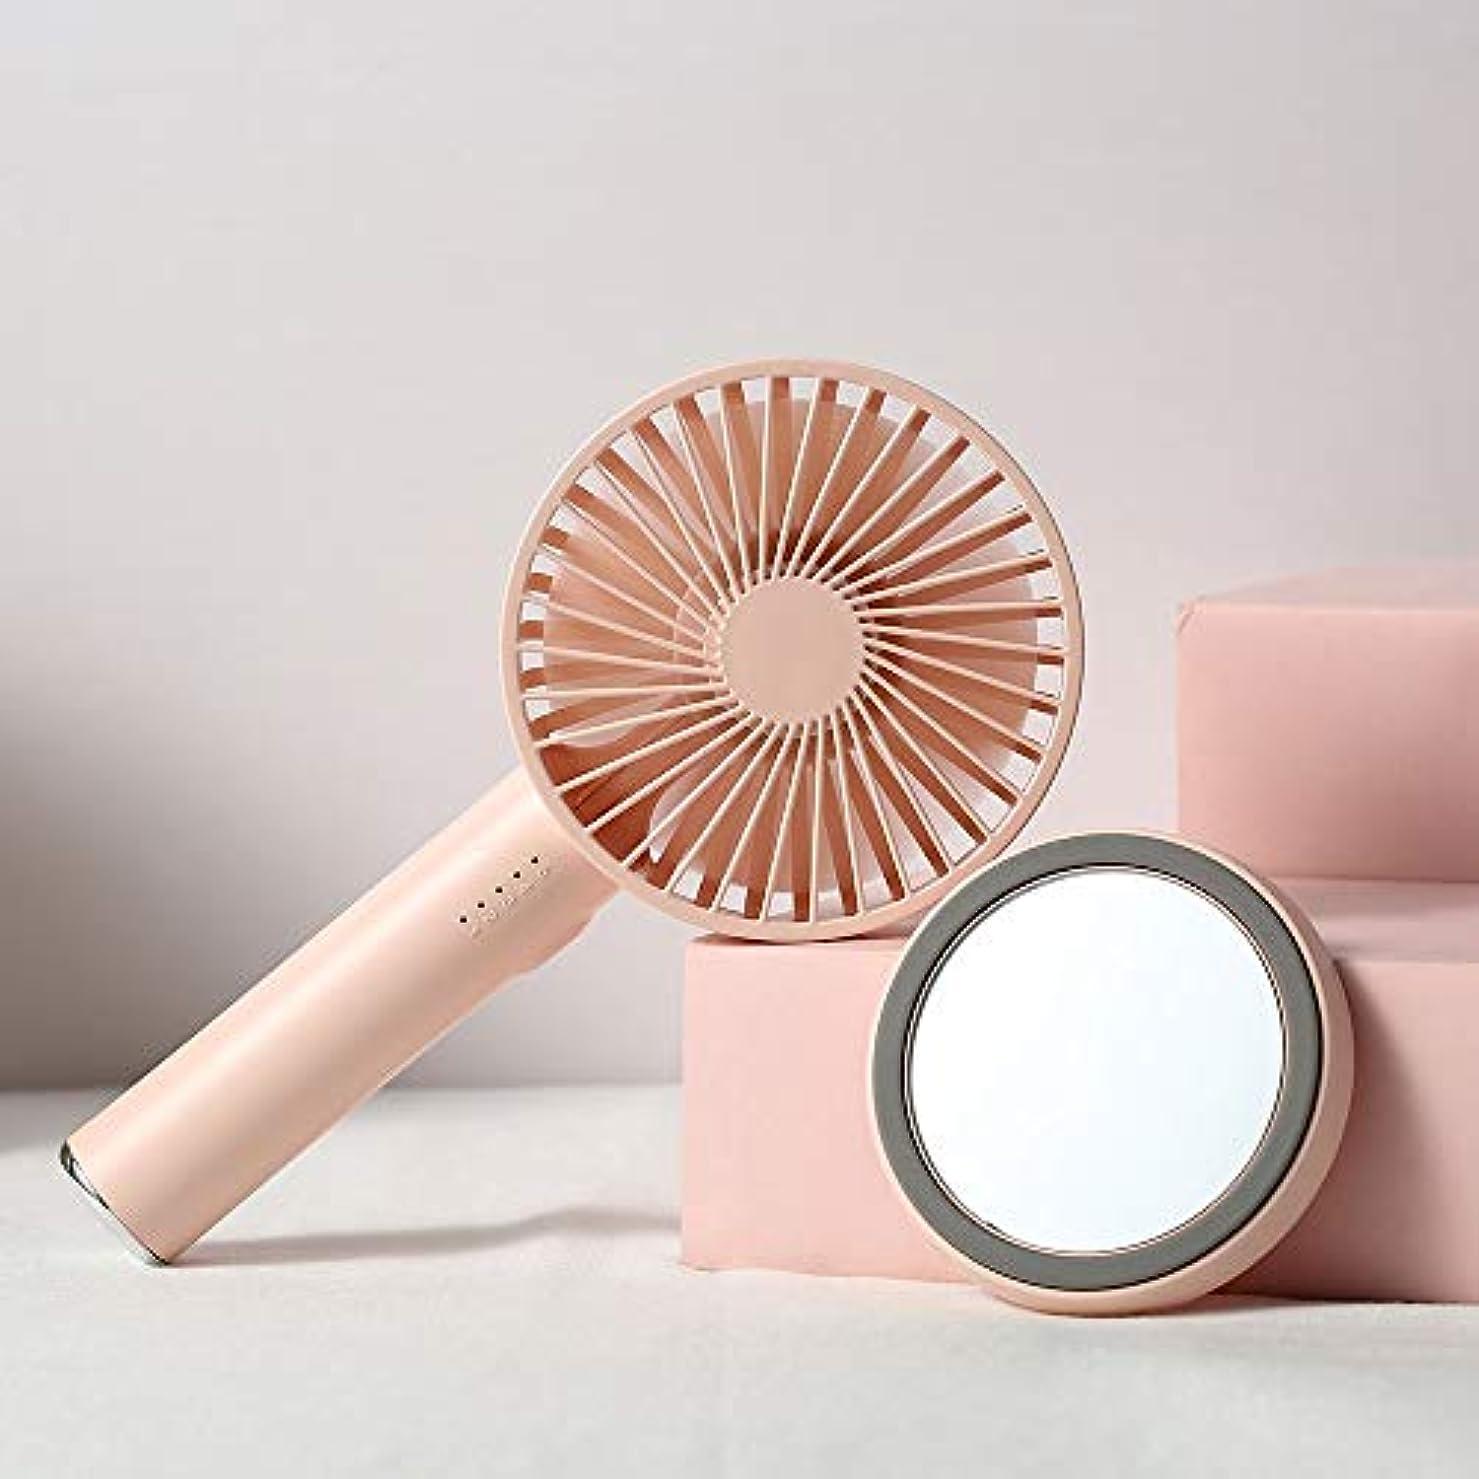 流行の クリエイティブ新しいファンの化粧鏡の手持ち型の無声ファン5速調整ポータブル屋外の美しさのミラーミラー2つの黄色のモデルピンク (色 : Pink)